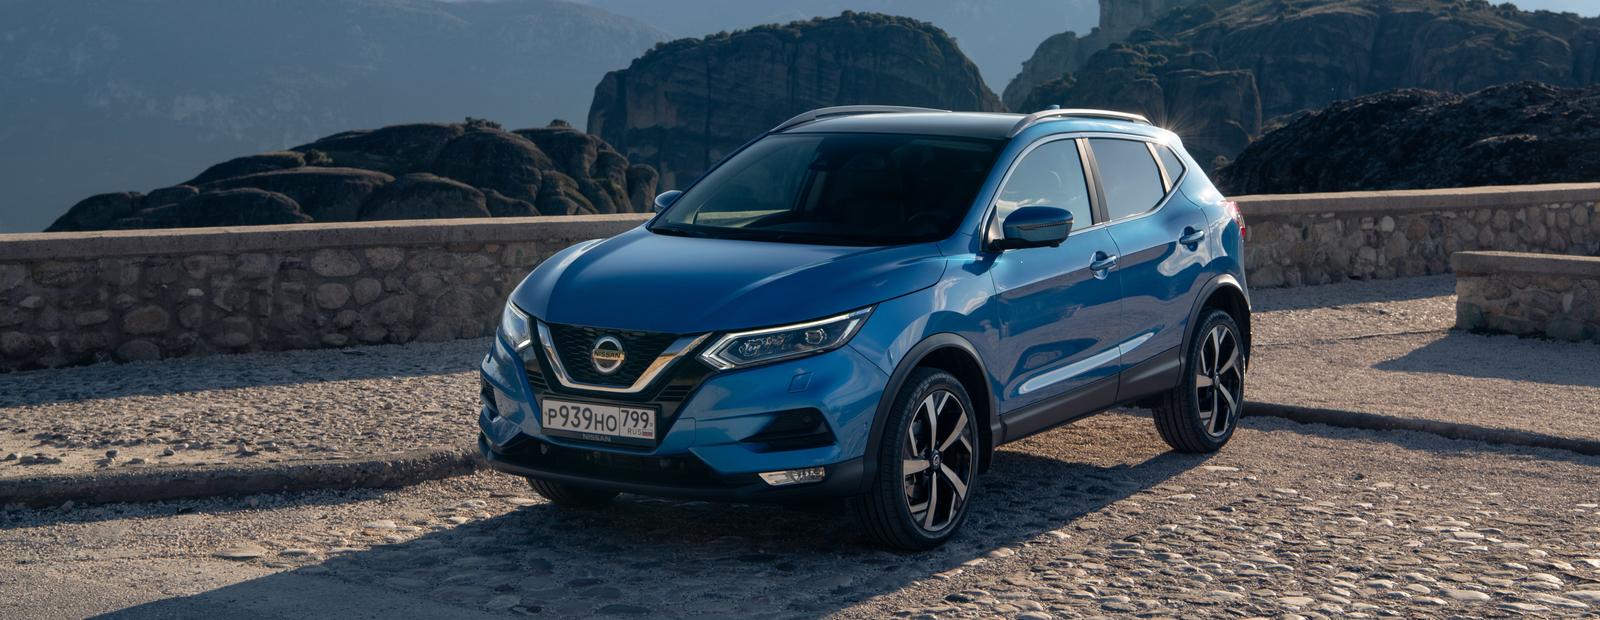 В России начались продажи нового Nissan Qashqai